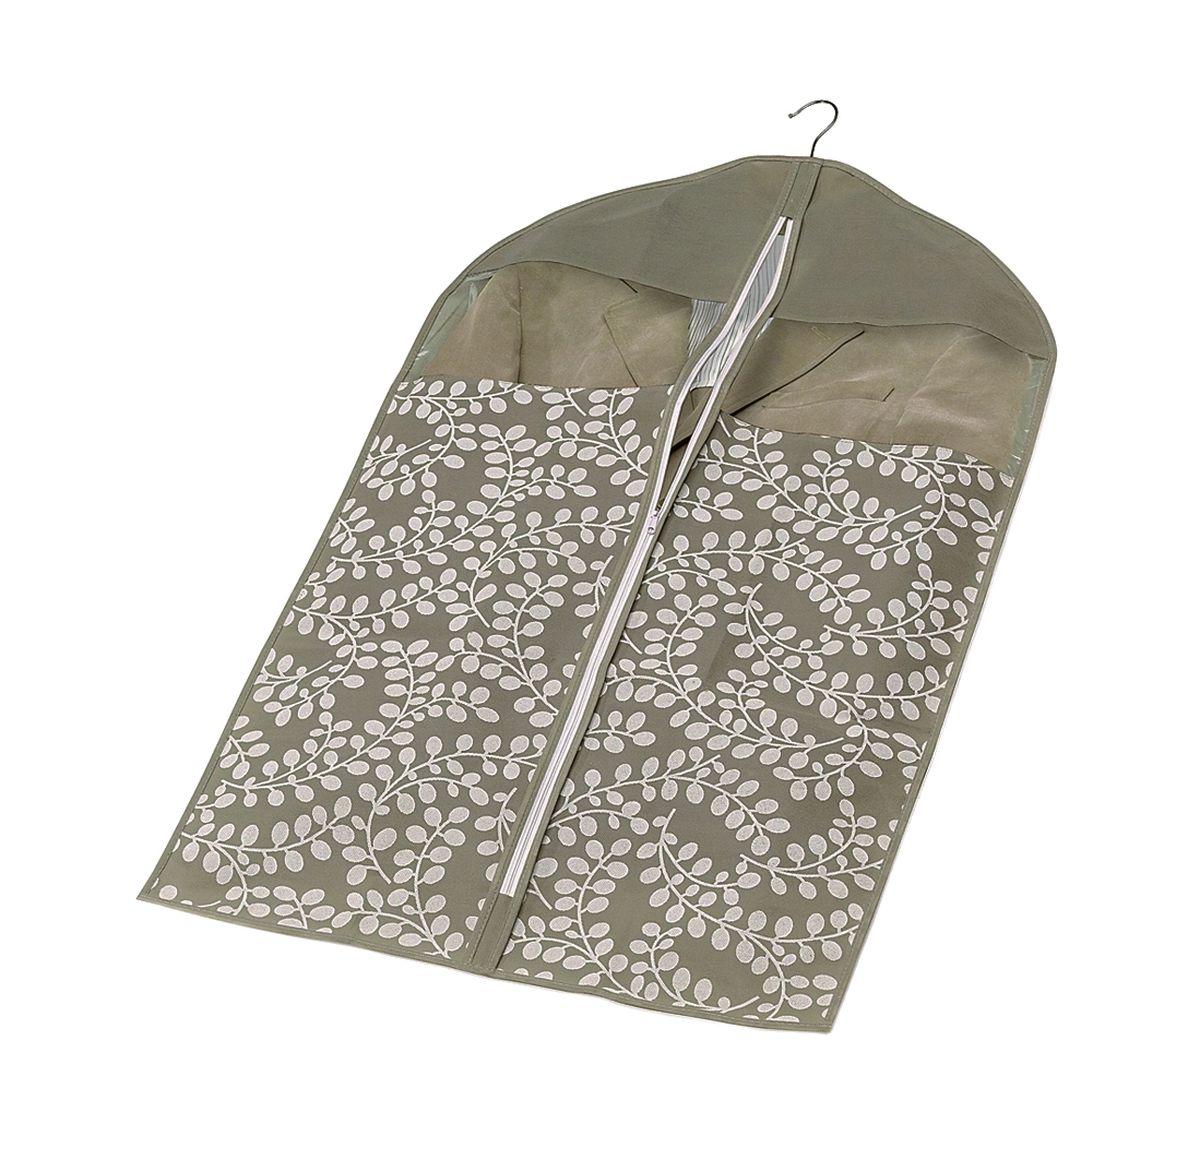 Чехол для пиджака Cosatto Флораль, с молнией, 100 х 60 смCOVLCATF20Легкий чехол с молнией Cosatto Флораль выполнен из дышащего нетканого материала, безопасного в использовании, и предназначен для курток, пиджаков и жакетов. Надежно защищает от пыли, моли, солнечных лучей и загрязнения. Имеет два прозрачных окна, замок и специальное отверстие для крючка вешалки. Материал можно протирать в случае загрязнения влажной салфеткой или тряпкой.